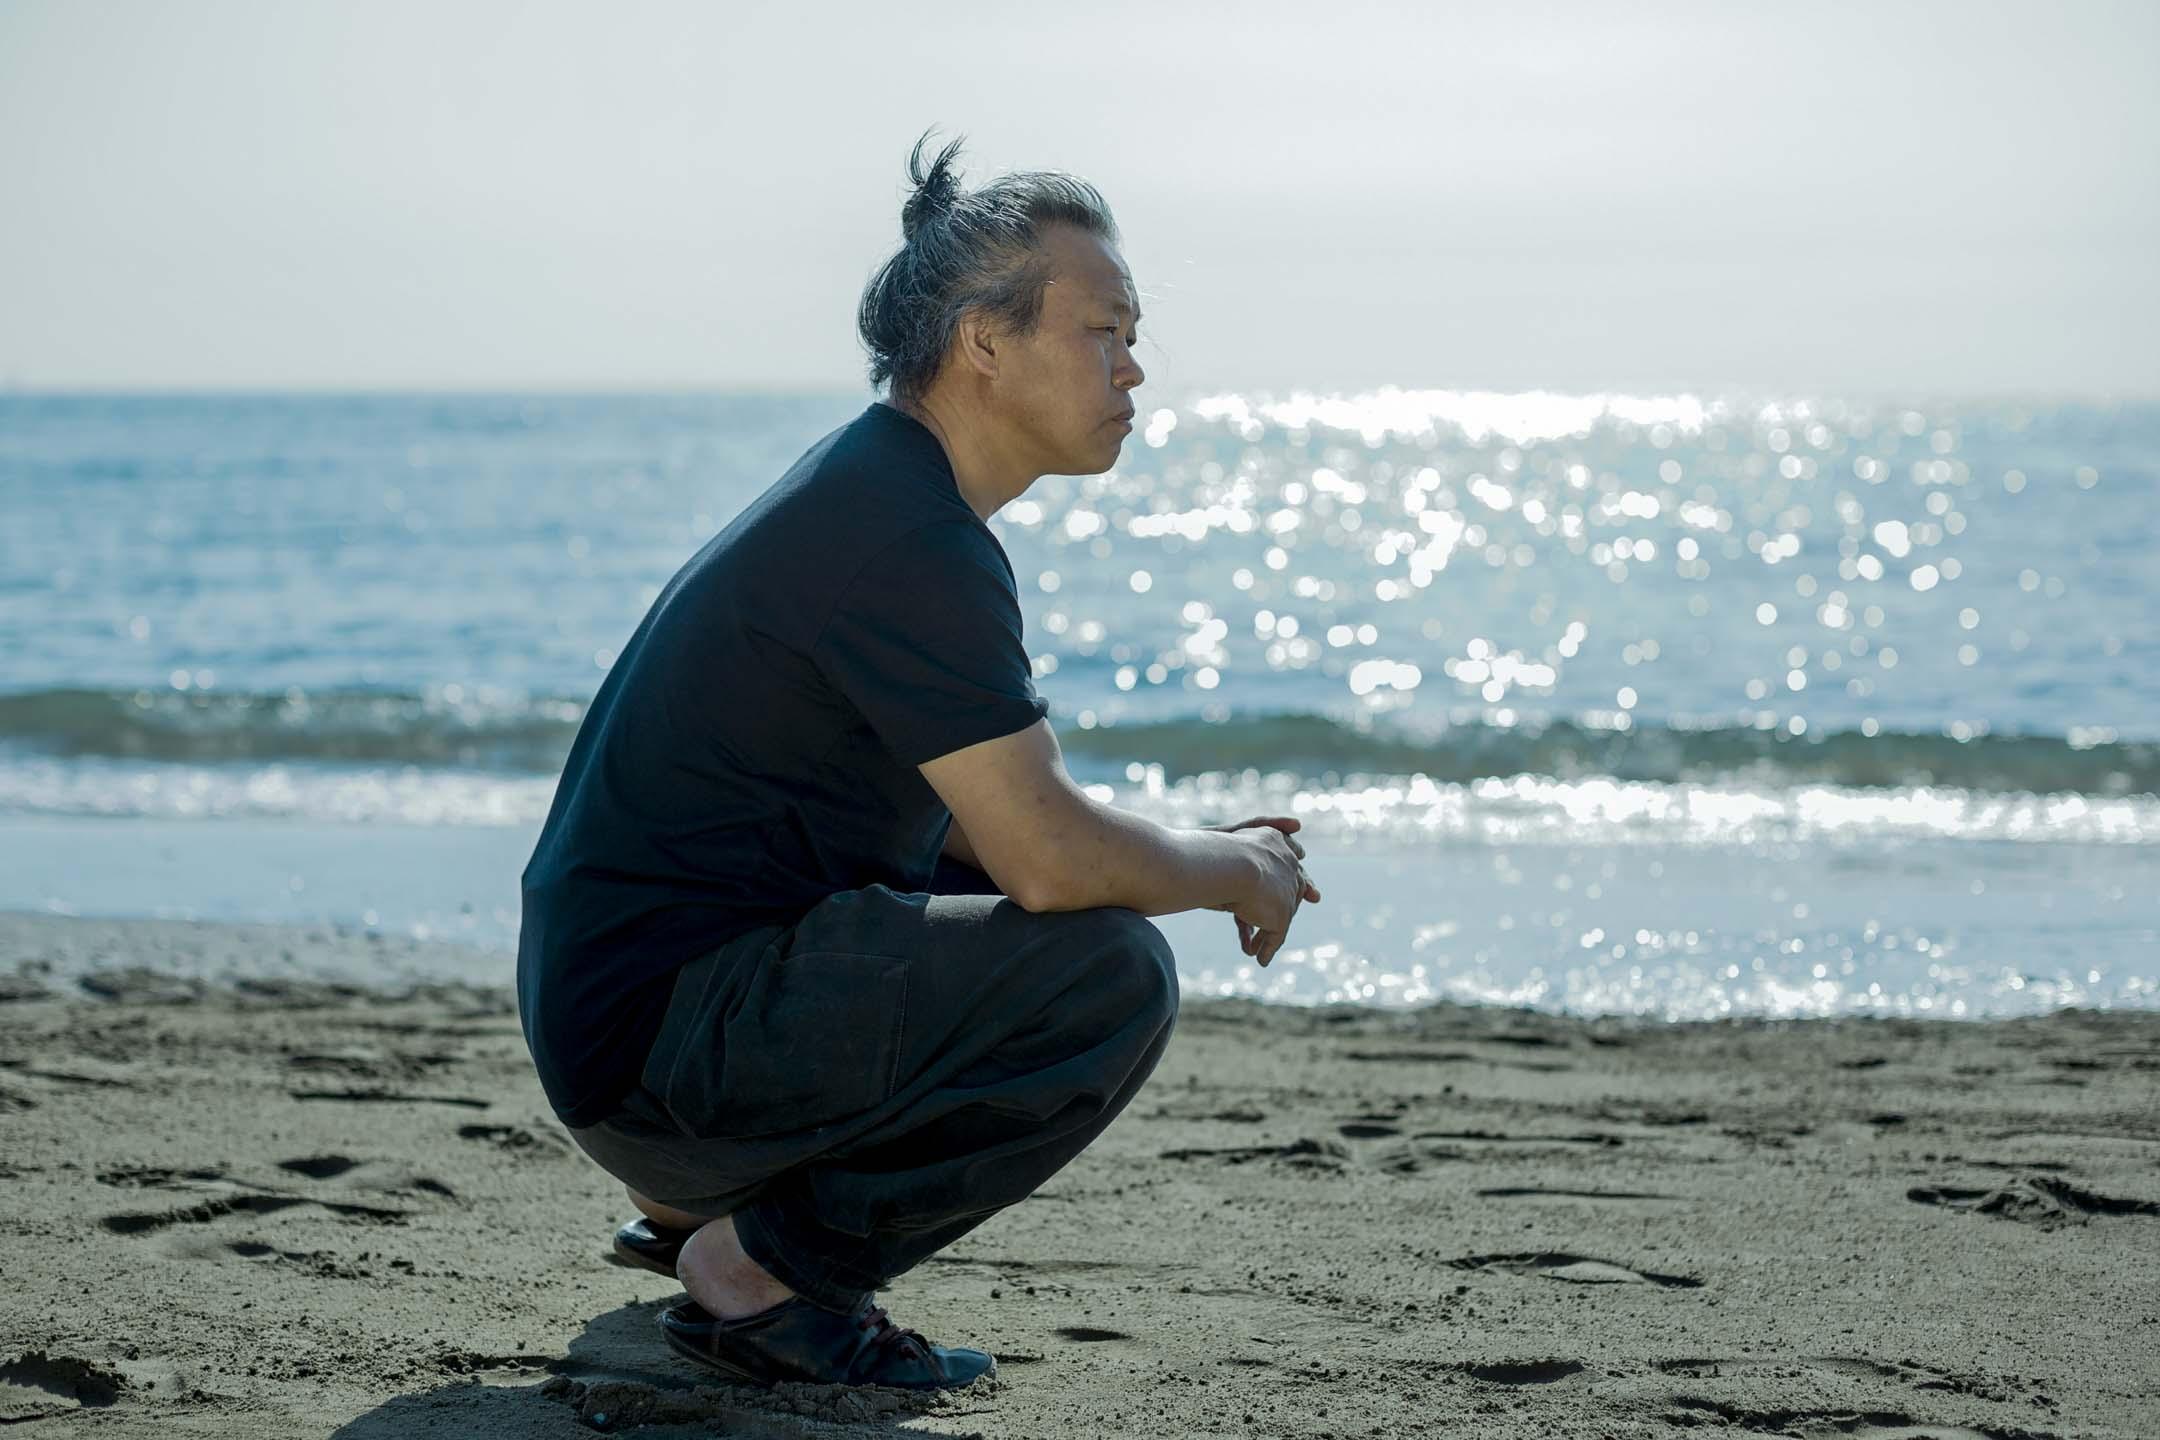 2013年9月4日,南韓導演金基德出席威尼斯電影節。 攝:Domenico Stinellis/AP/達志影像